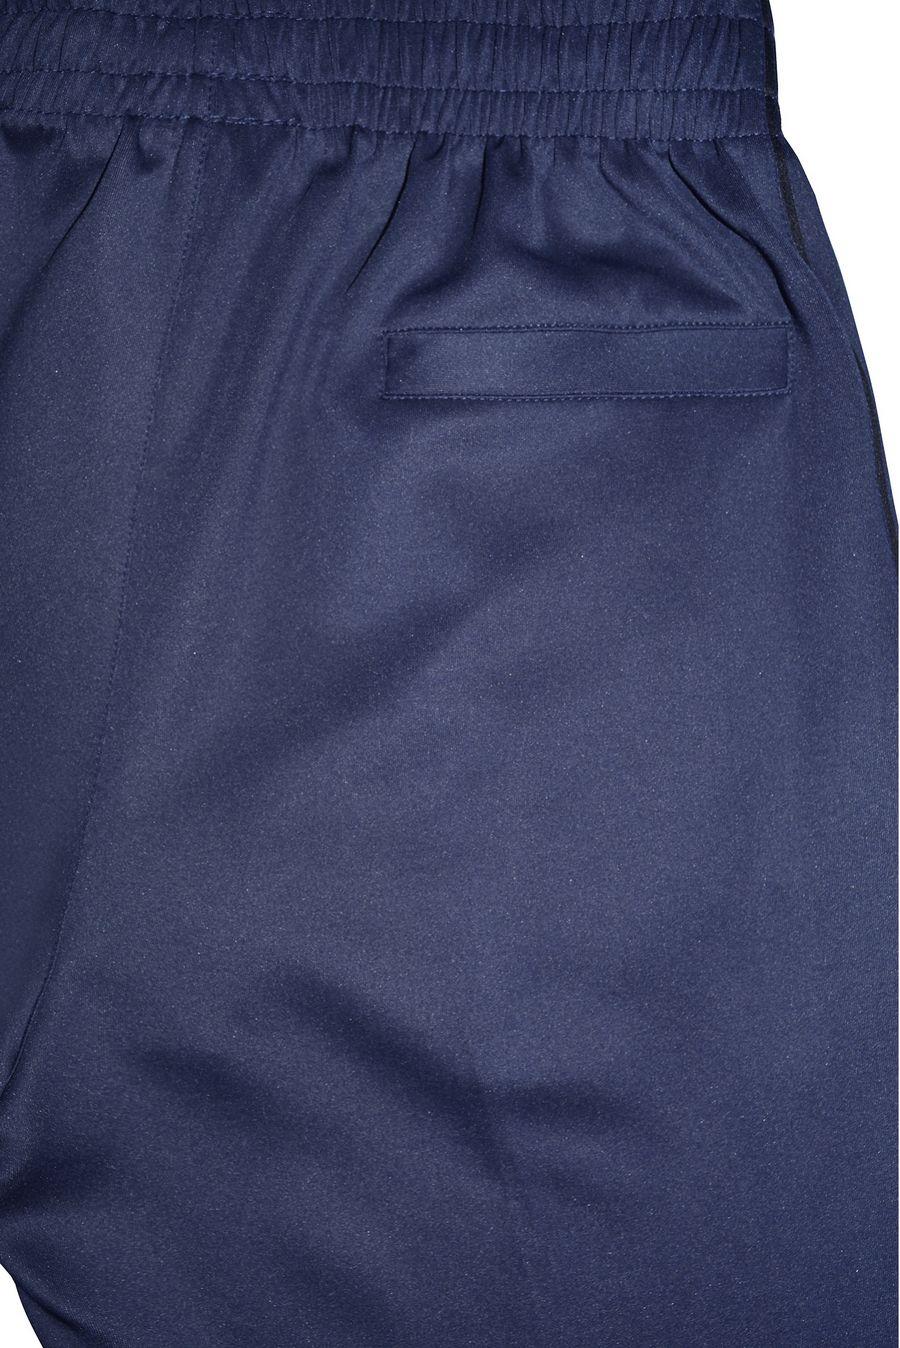 Брюки мужские GL J1086 синие - фото 2